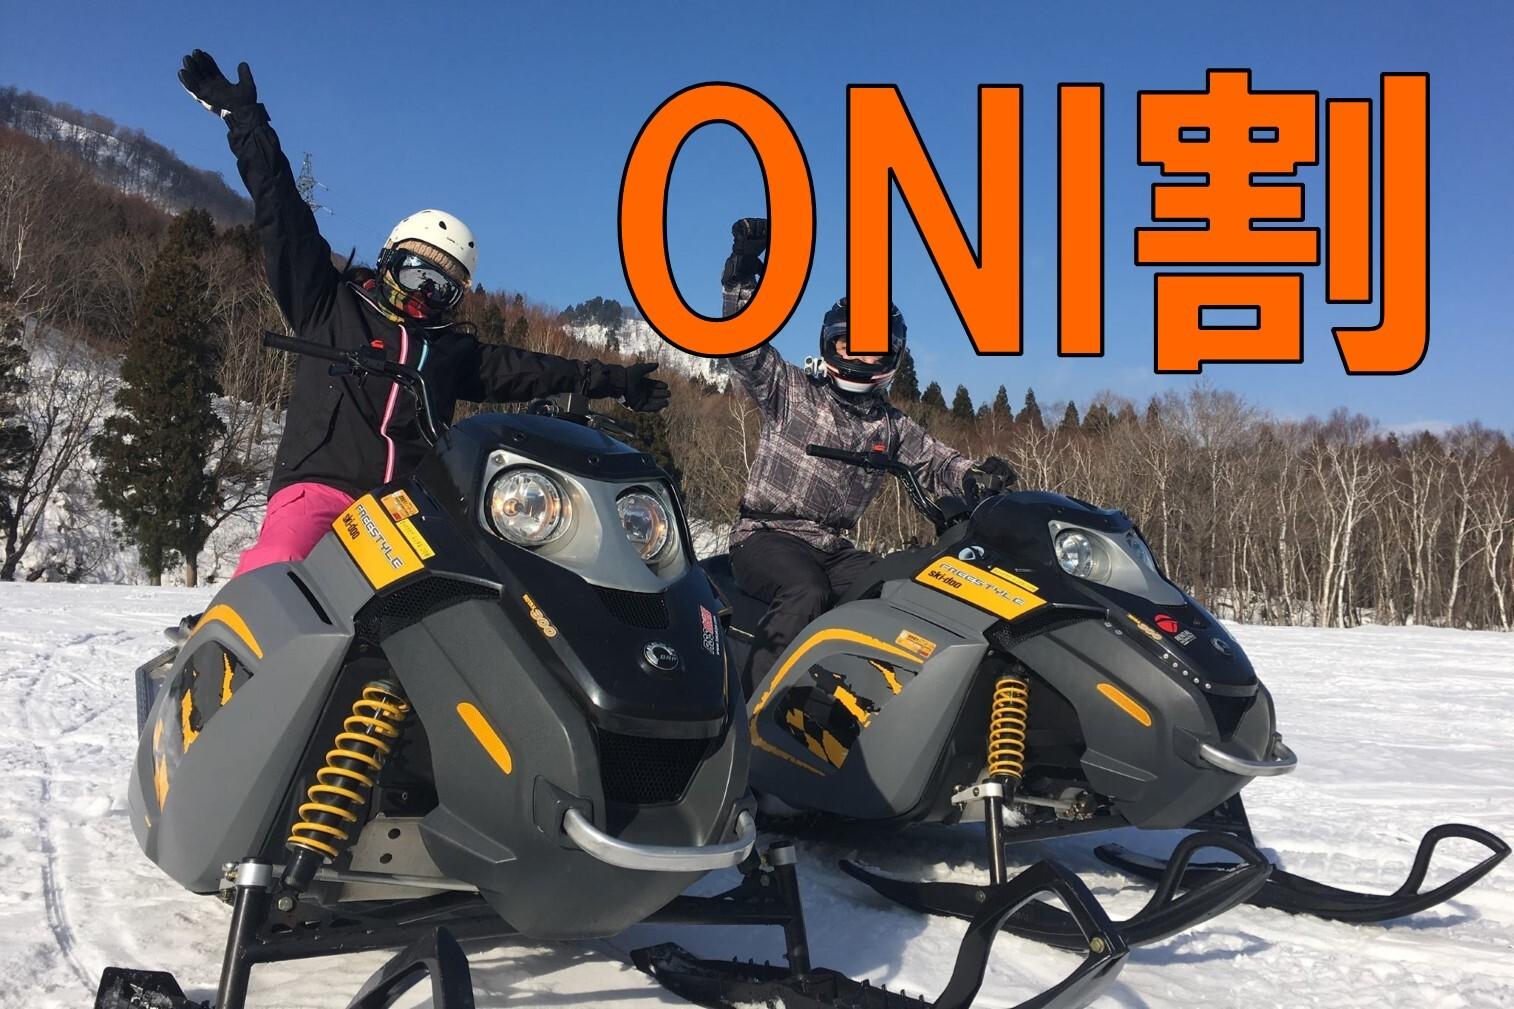 kappaclub2020-21niigata-oniwari-snowmobile01.jpg